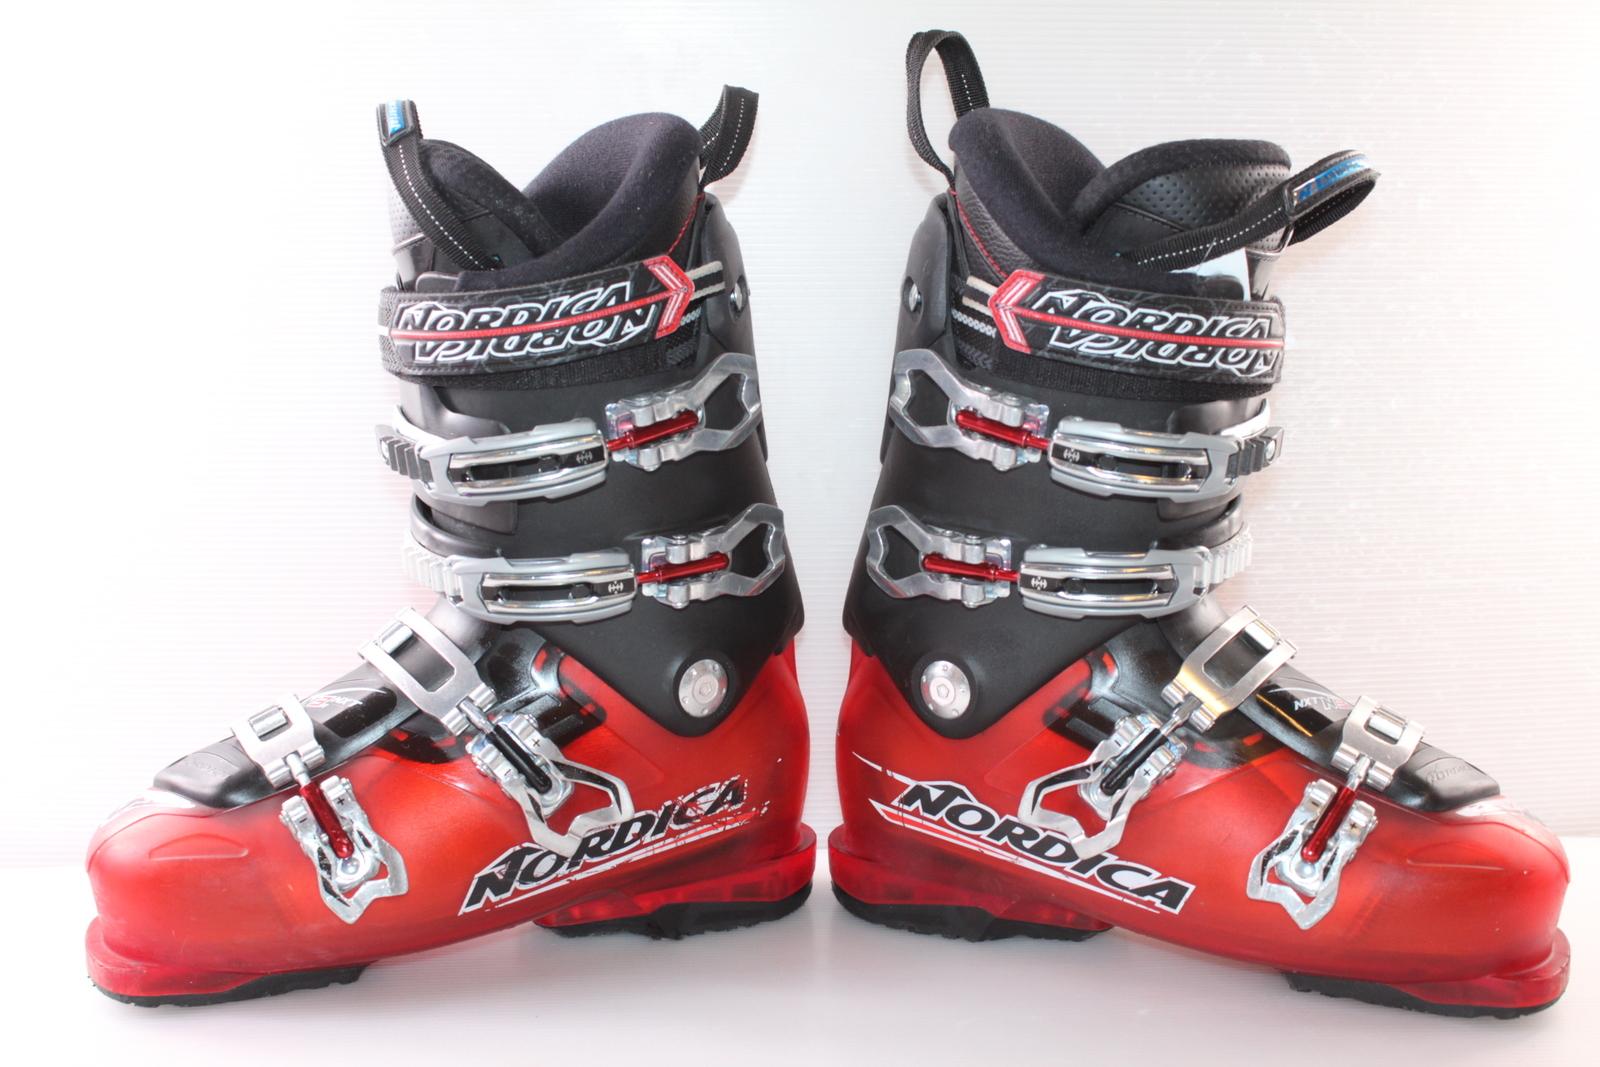 Lyžařské boty Nordica NXT N3R vel. EU41 flexe 90